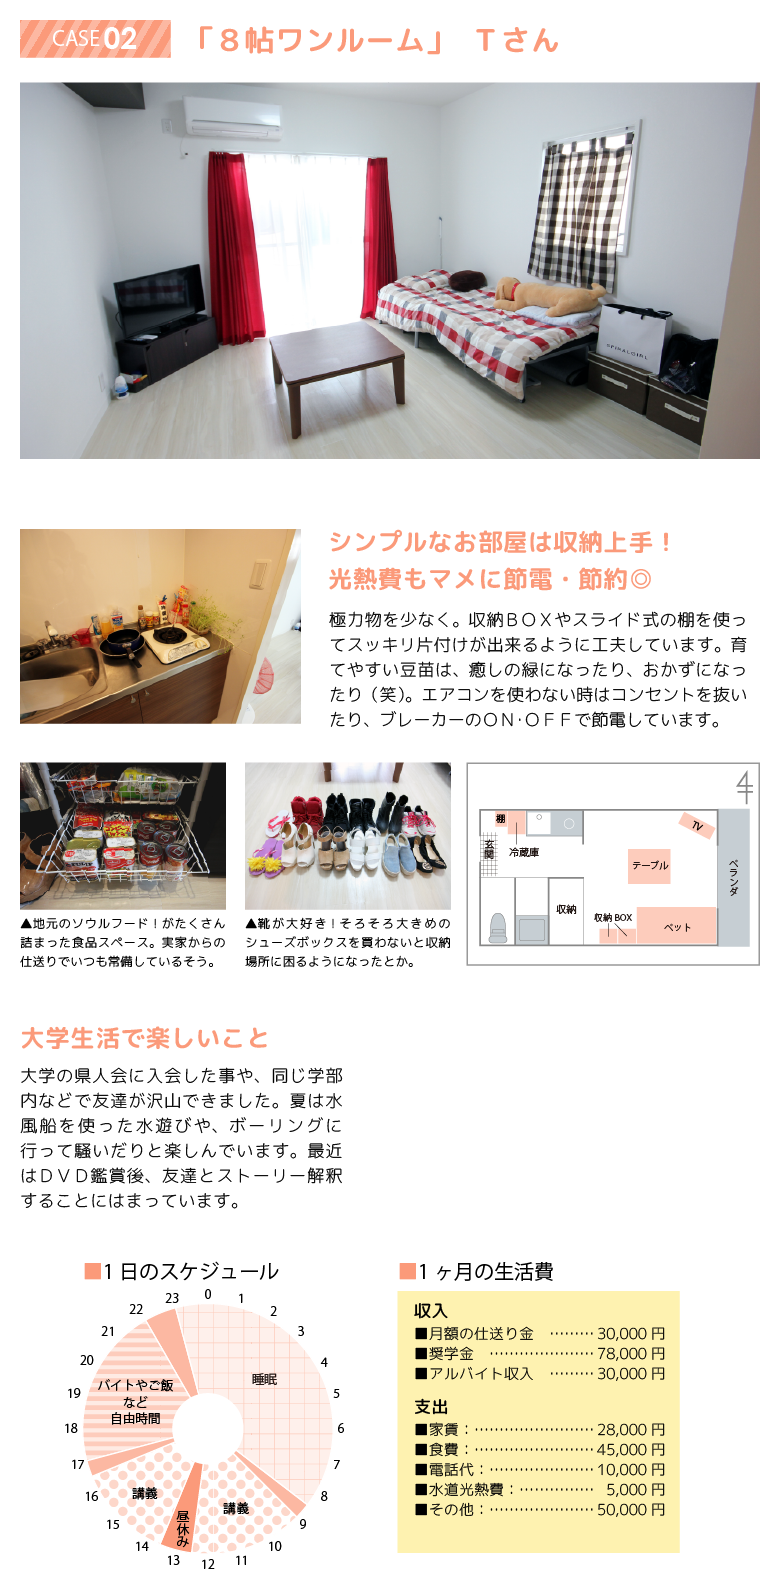 先輩のお部屋 case02